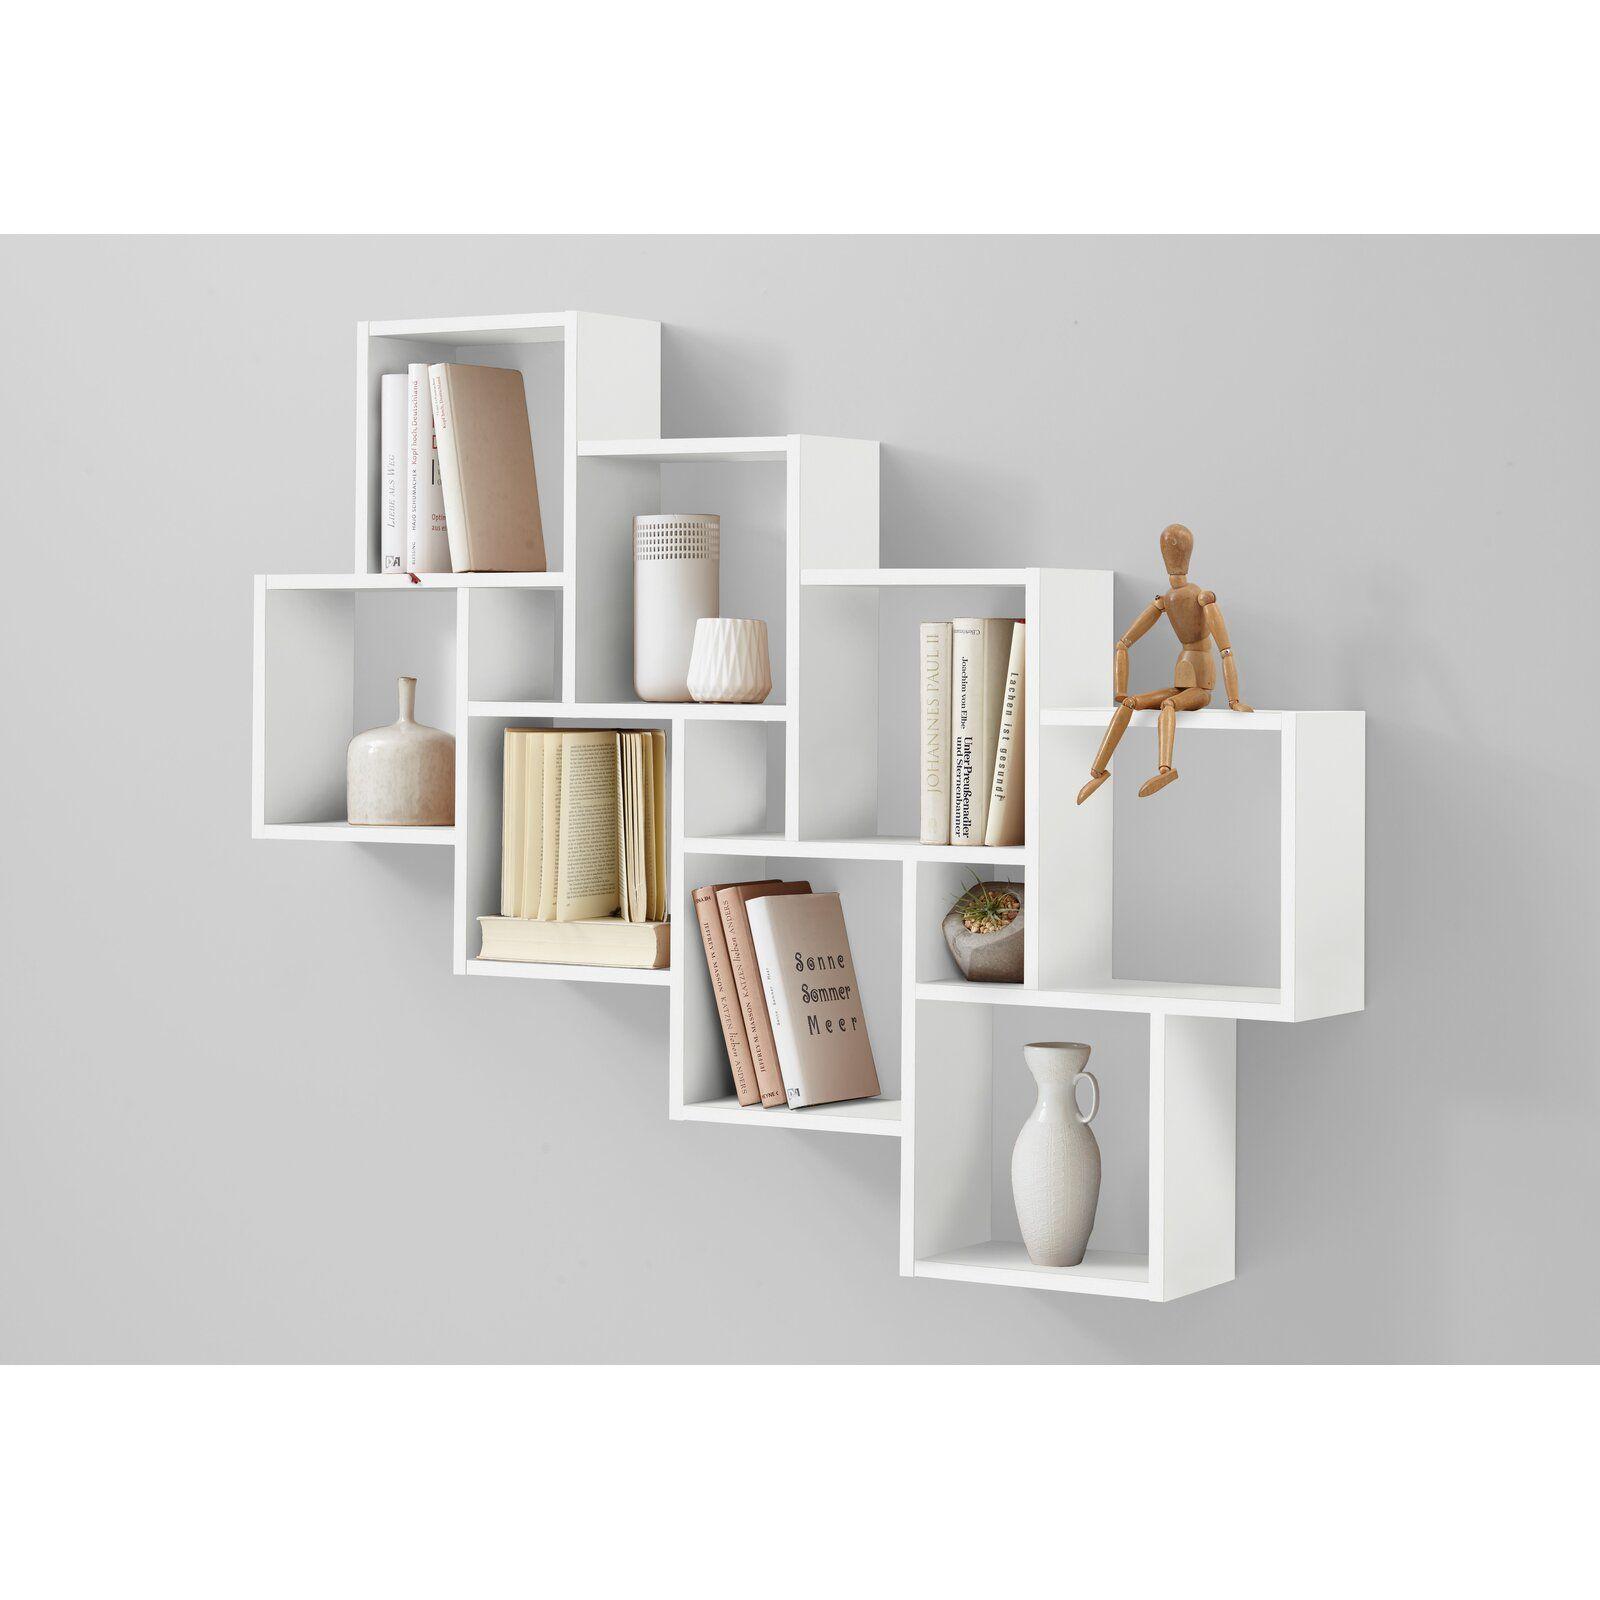 Cube Shelf White Wall Shelves Cube Shelves Wall Mounted Shelves